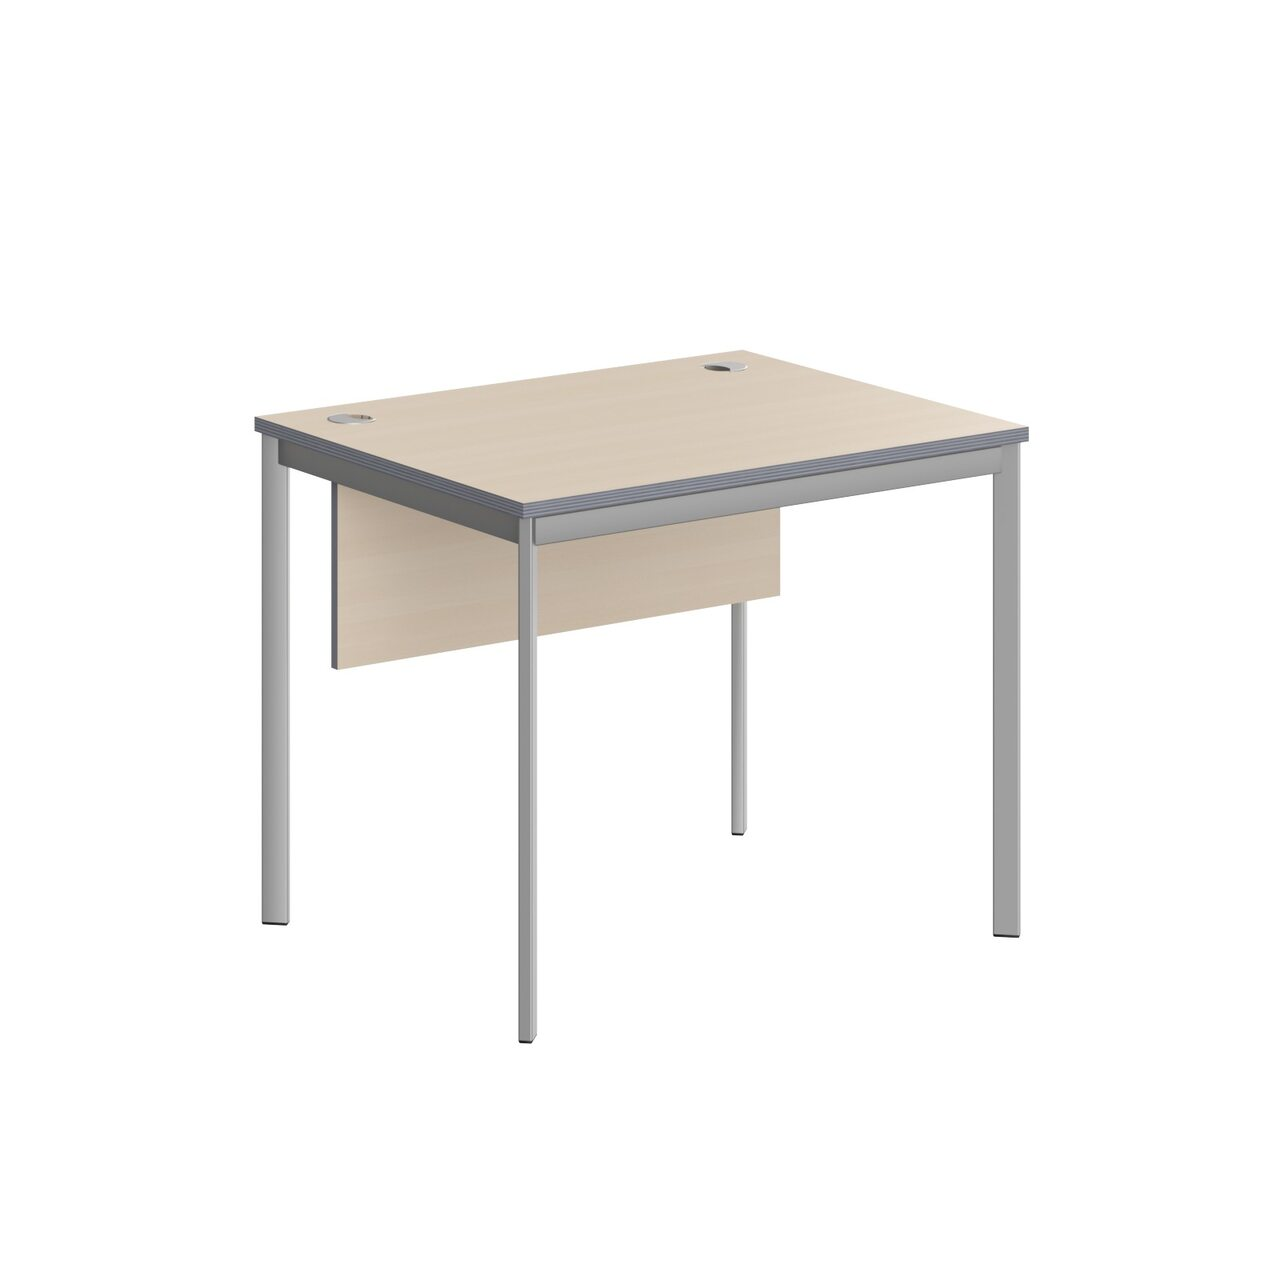 Стол прямой с фрональной панелью  IMAGO-S 90x72x76 - фото 5